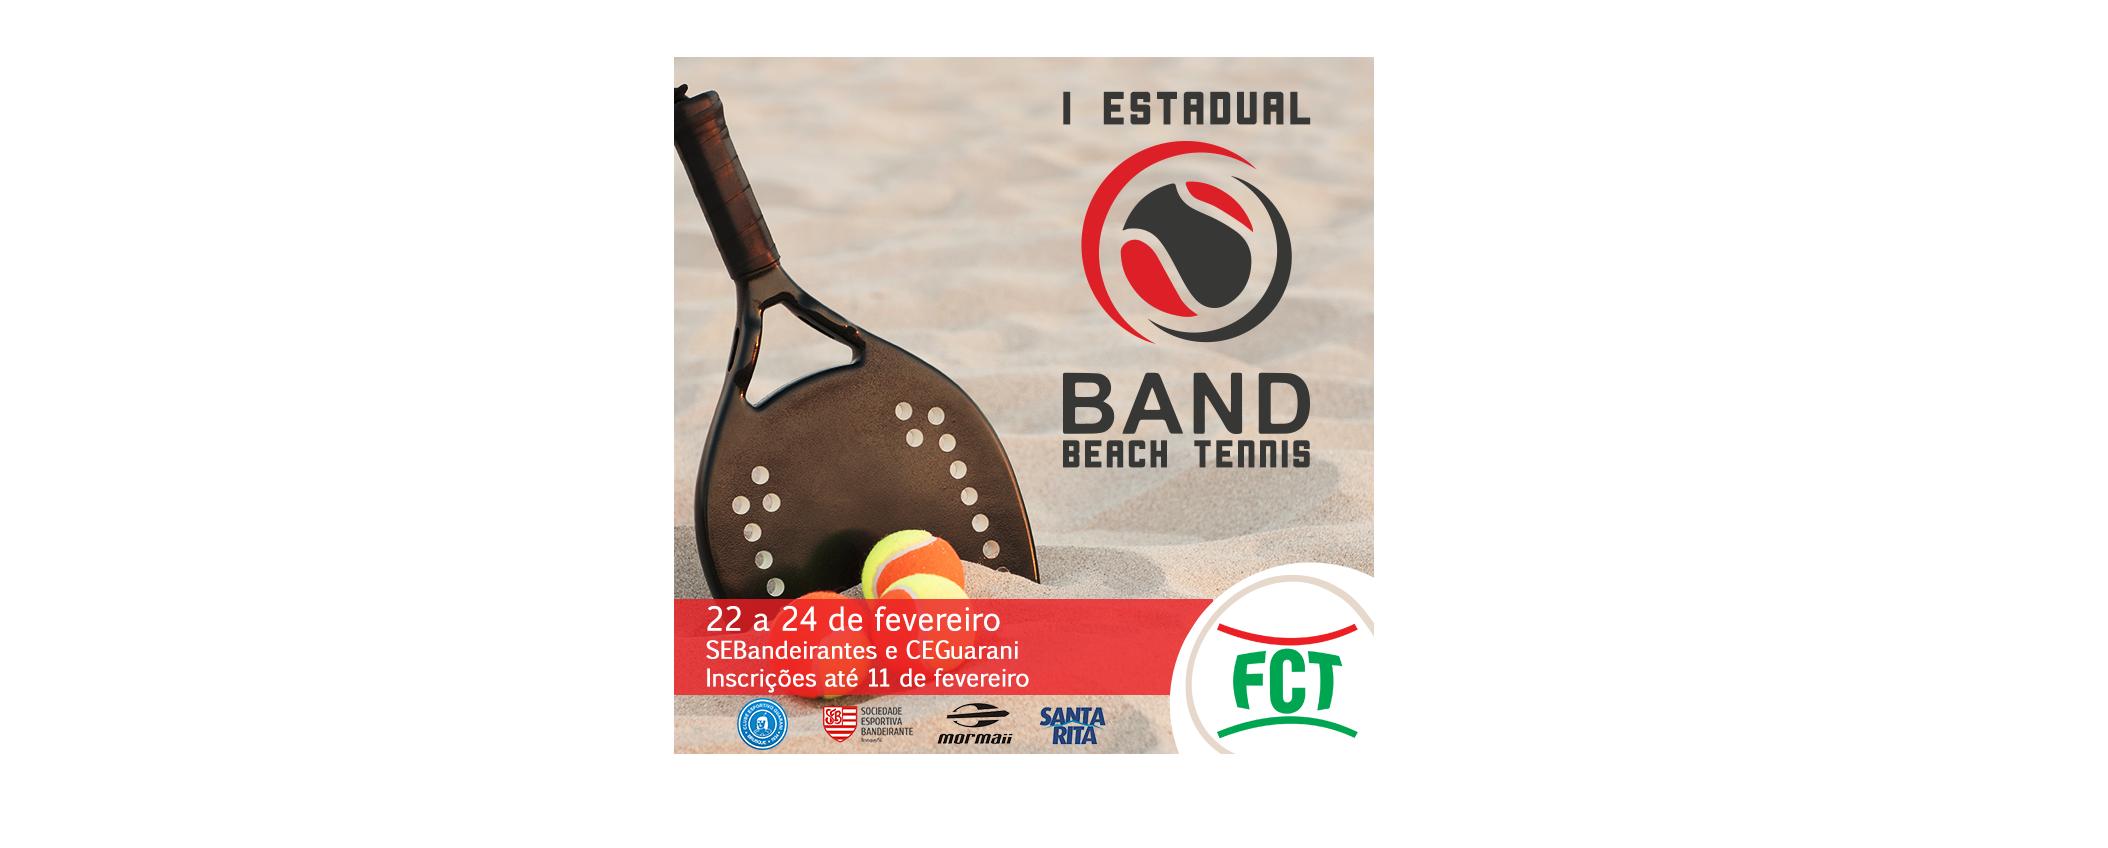 INSCRIÇÕES ABERTAS PARA O I ESTADUAL BAND DE BEACH TENNIS 2019